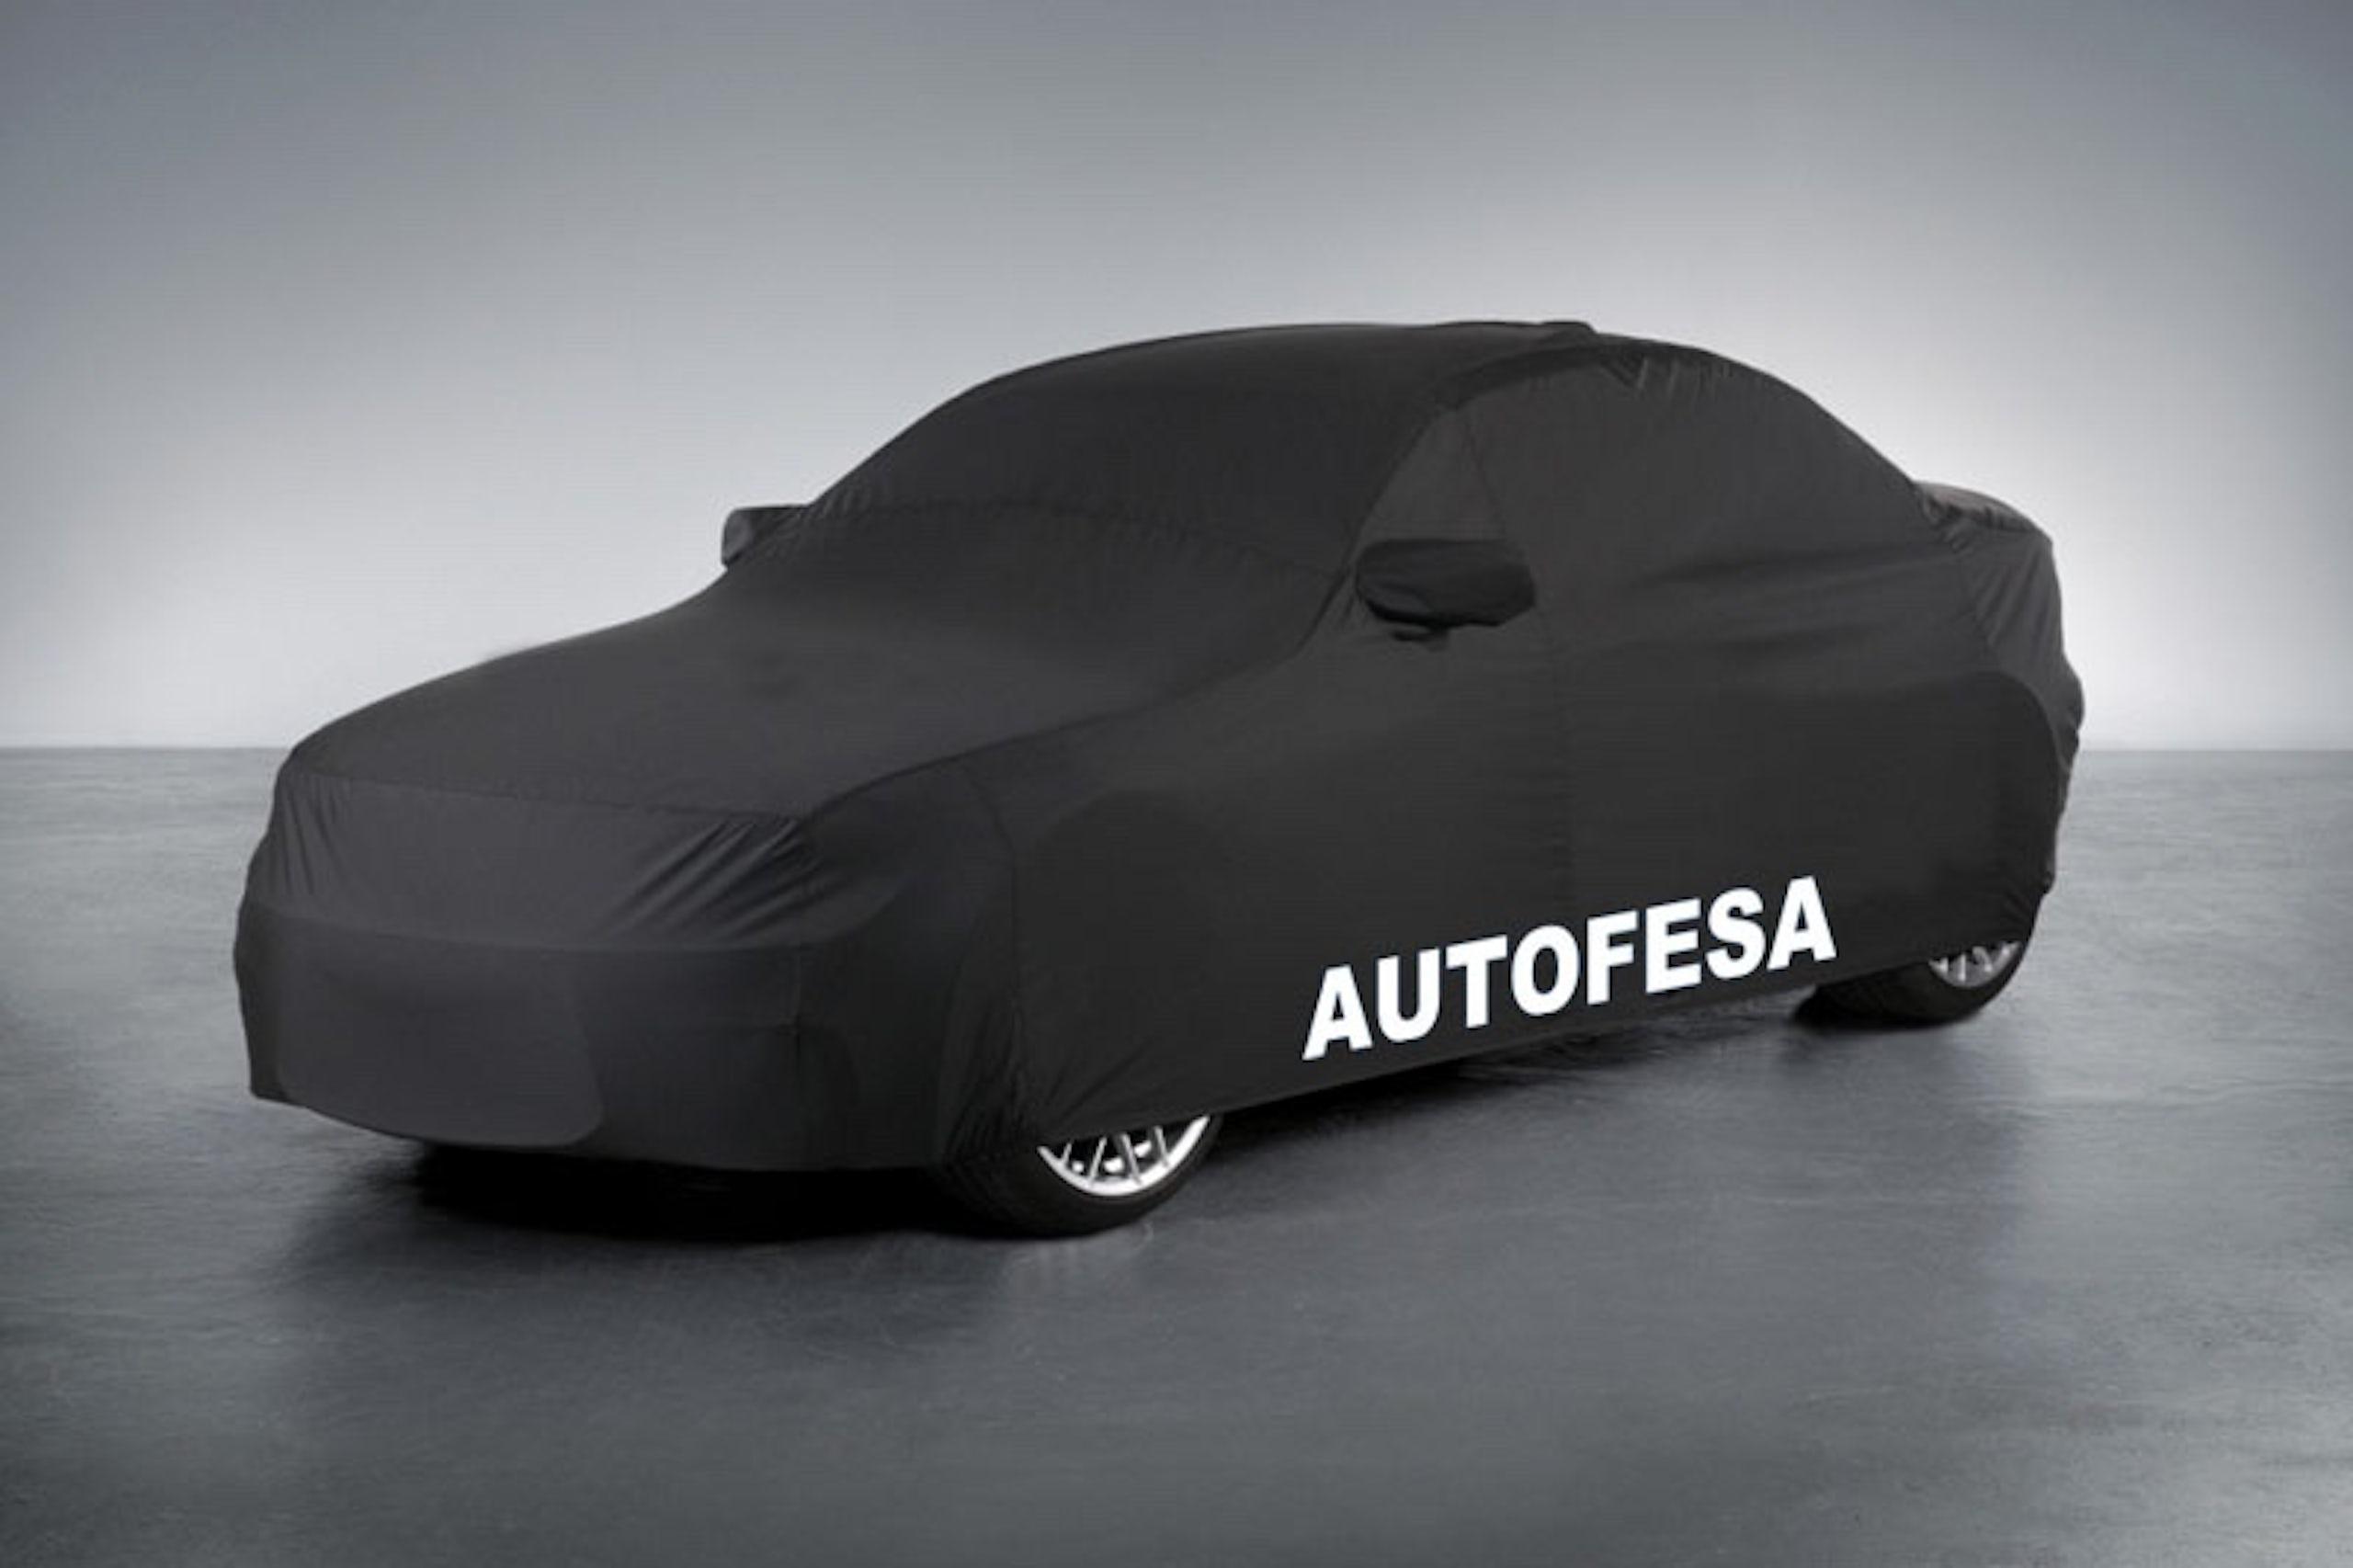 Audi Tts S Coupé 2.0 TFSI 245cv quattro S Line 3p S tronic Auto S/S - Foto 17